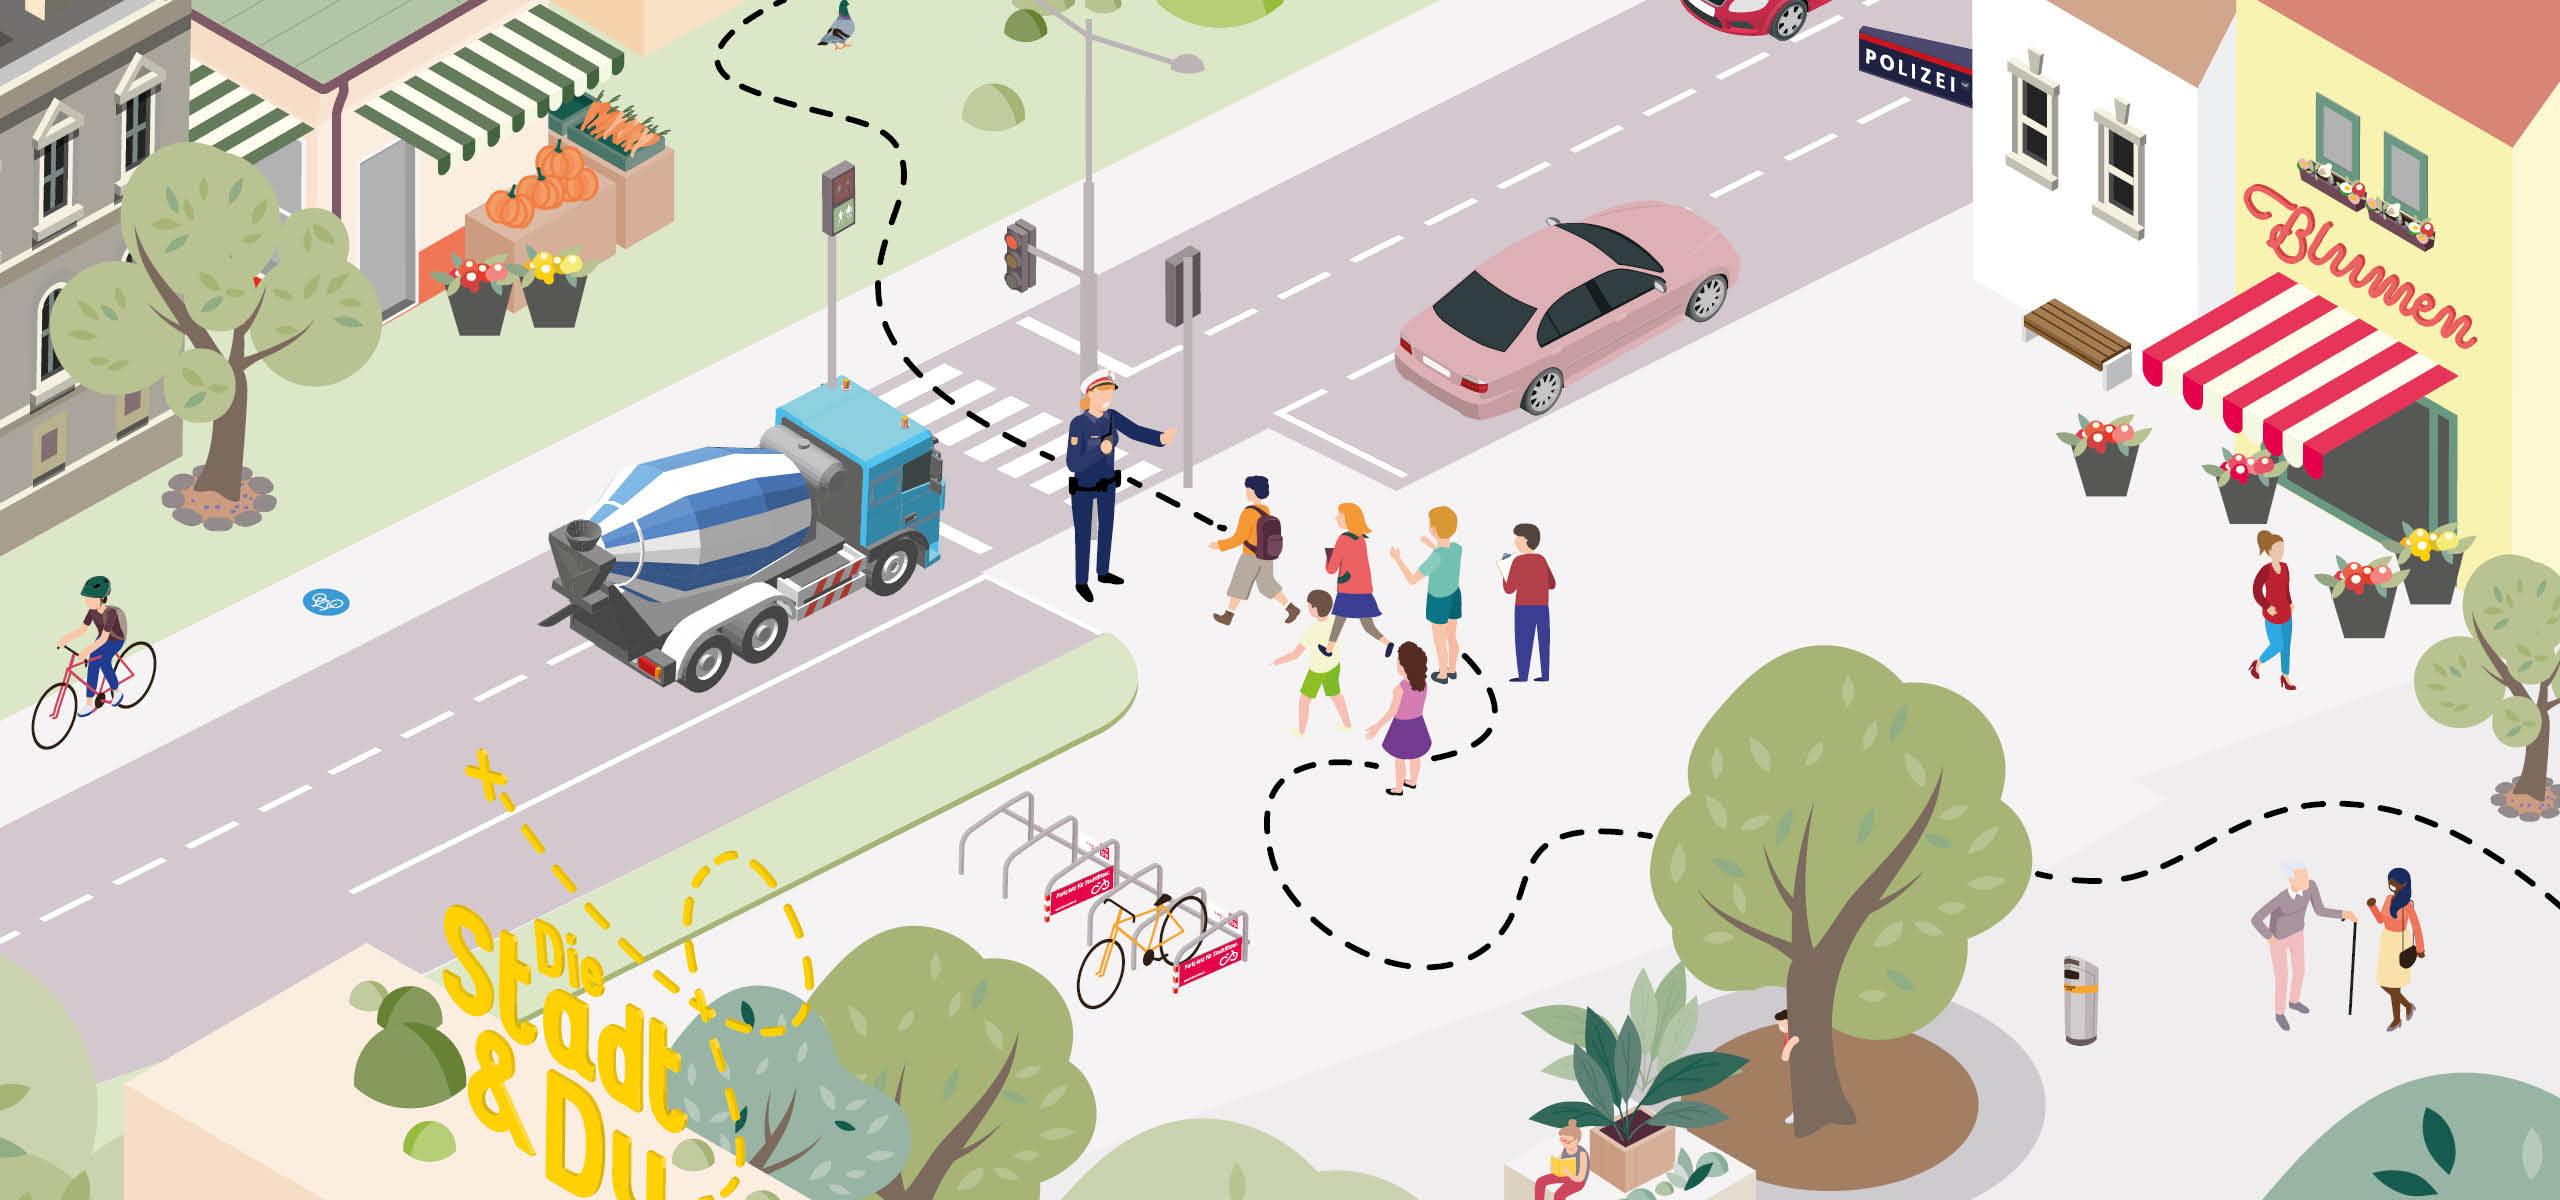 Schulworkshop mit einem Polizisten im Verkehrsraum